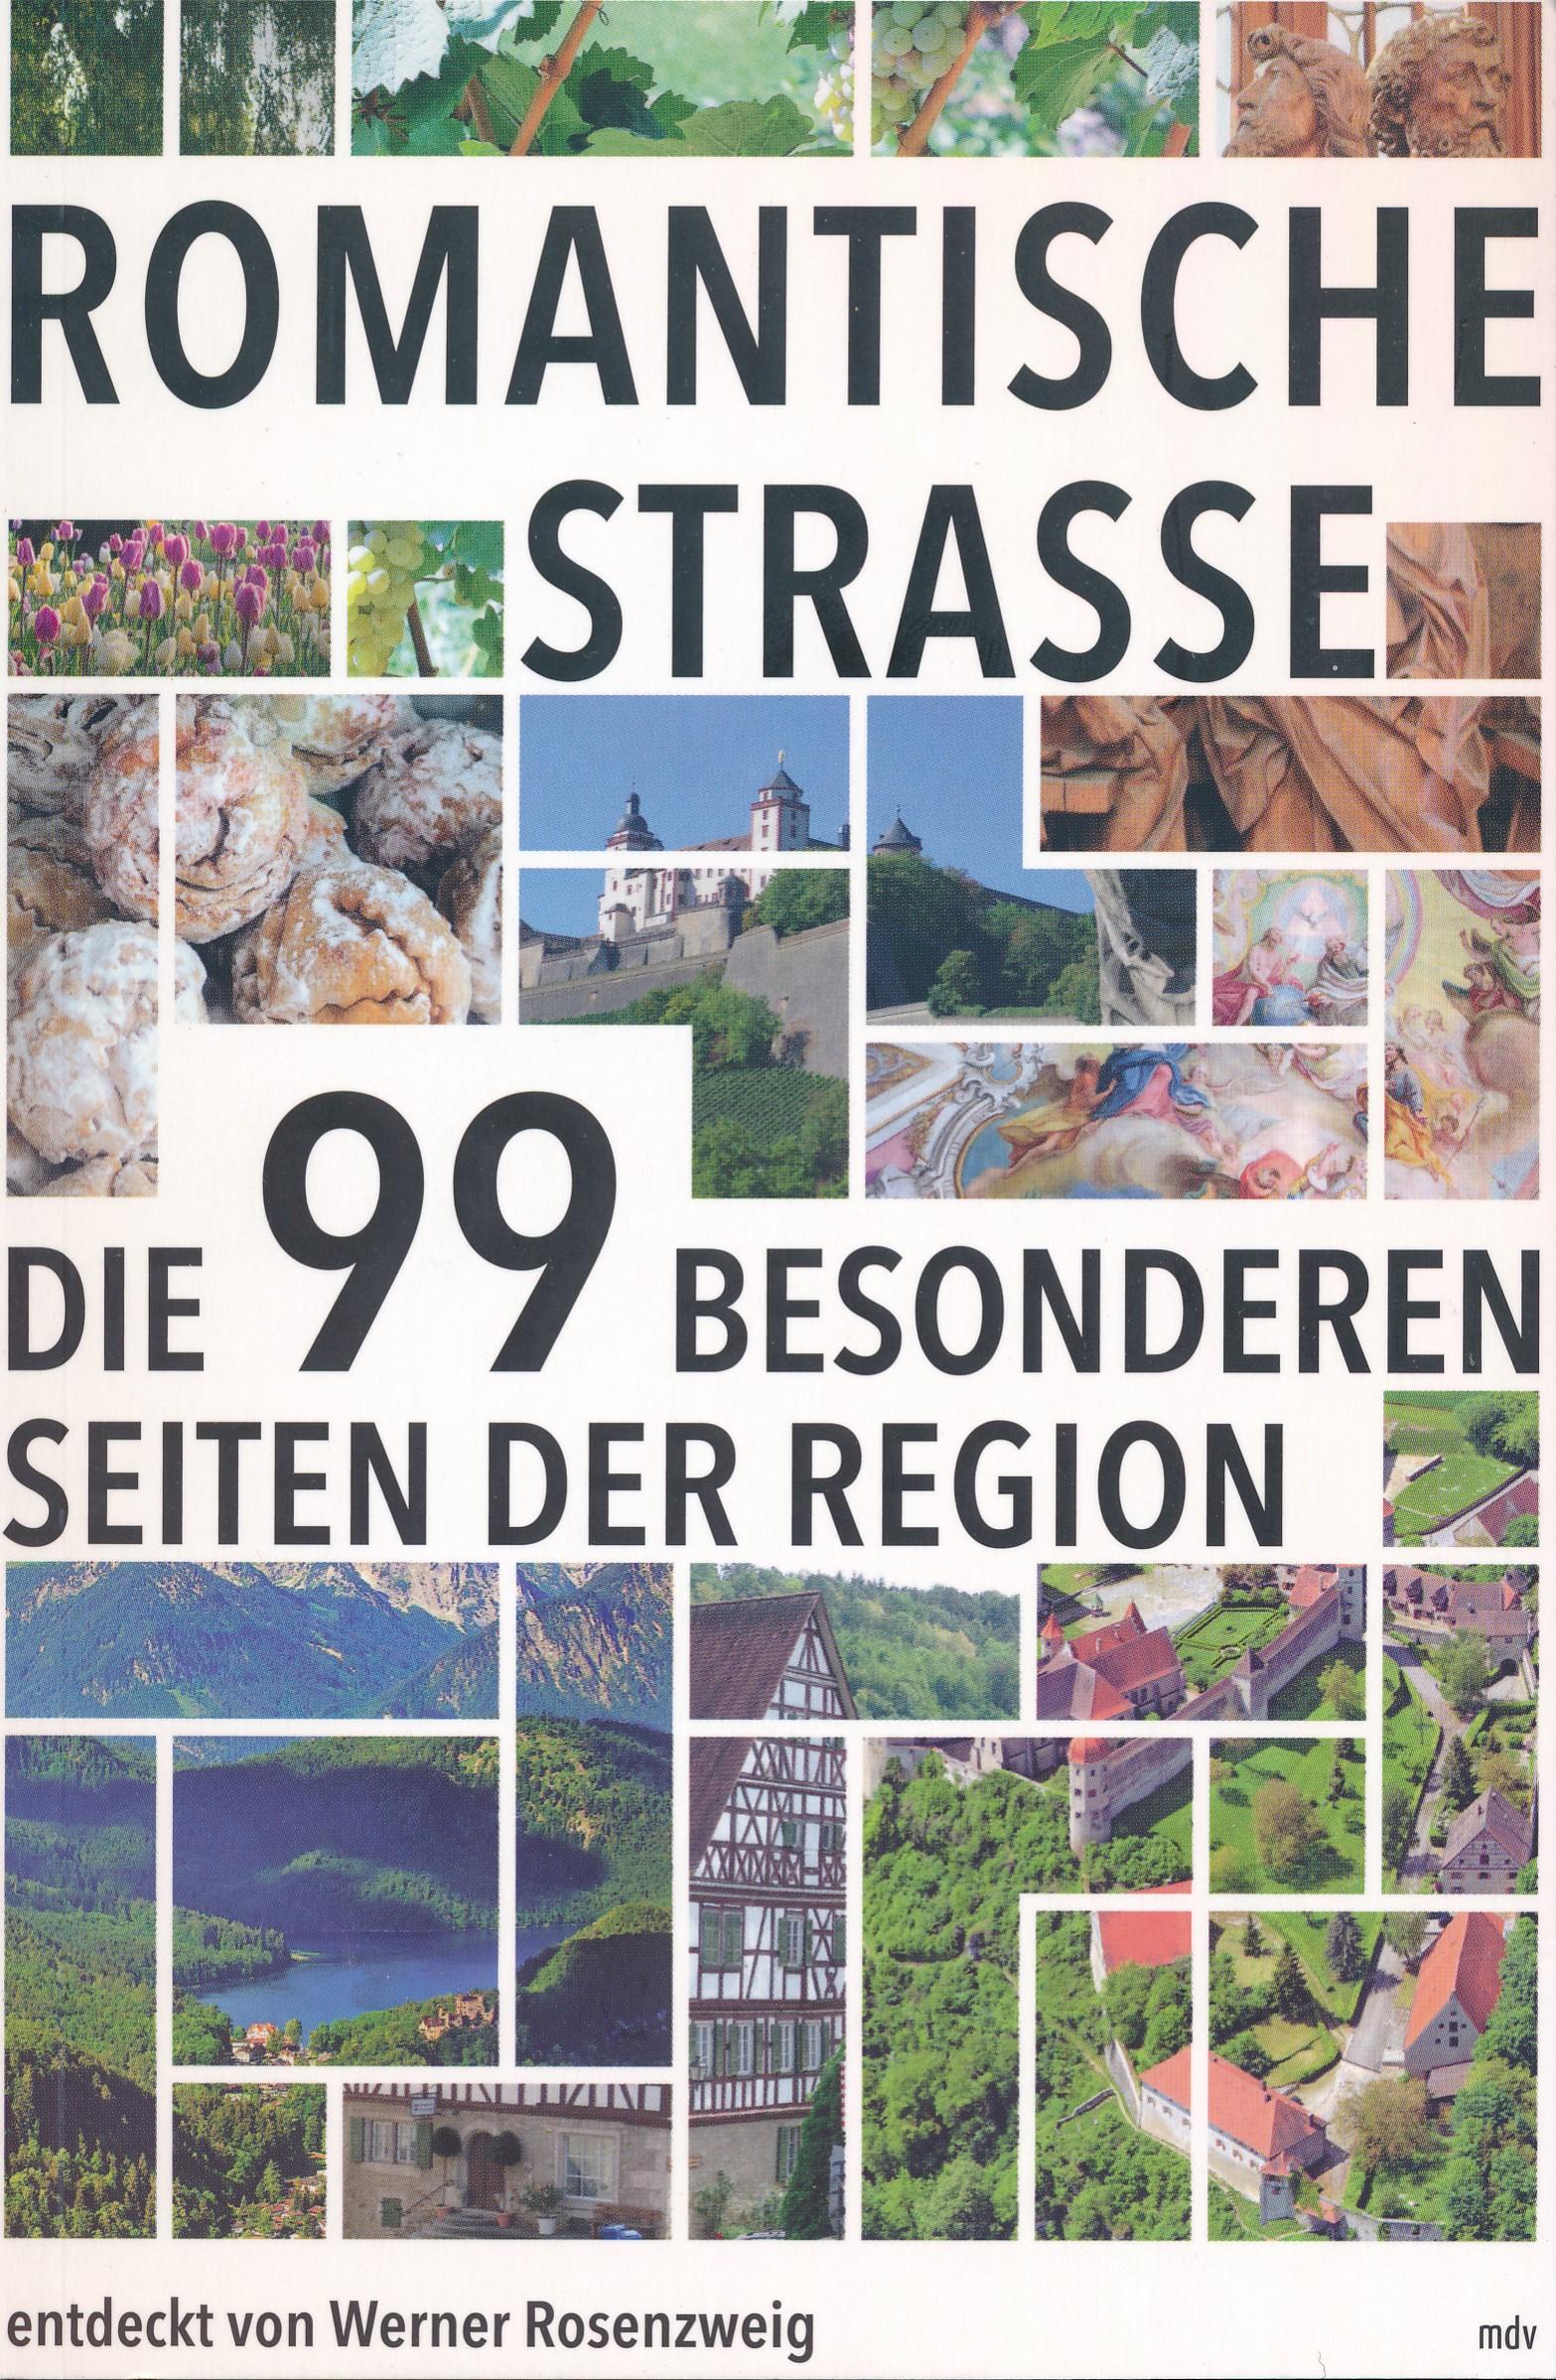 Reisgids Romantische Strasse | Mitteldeutscher Verlag